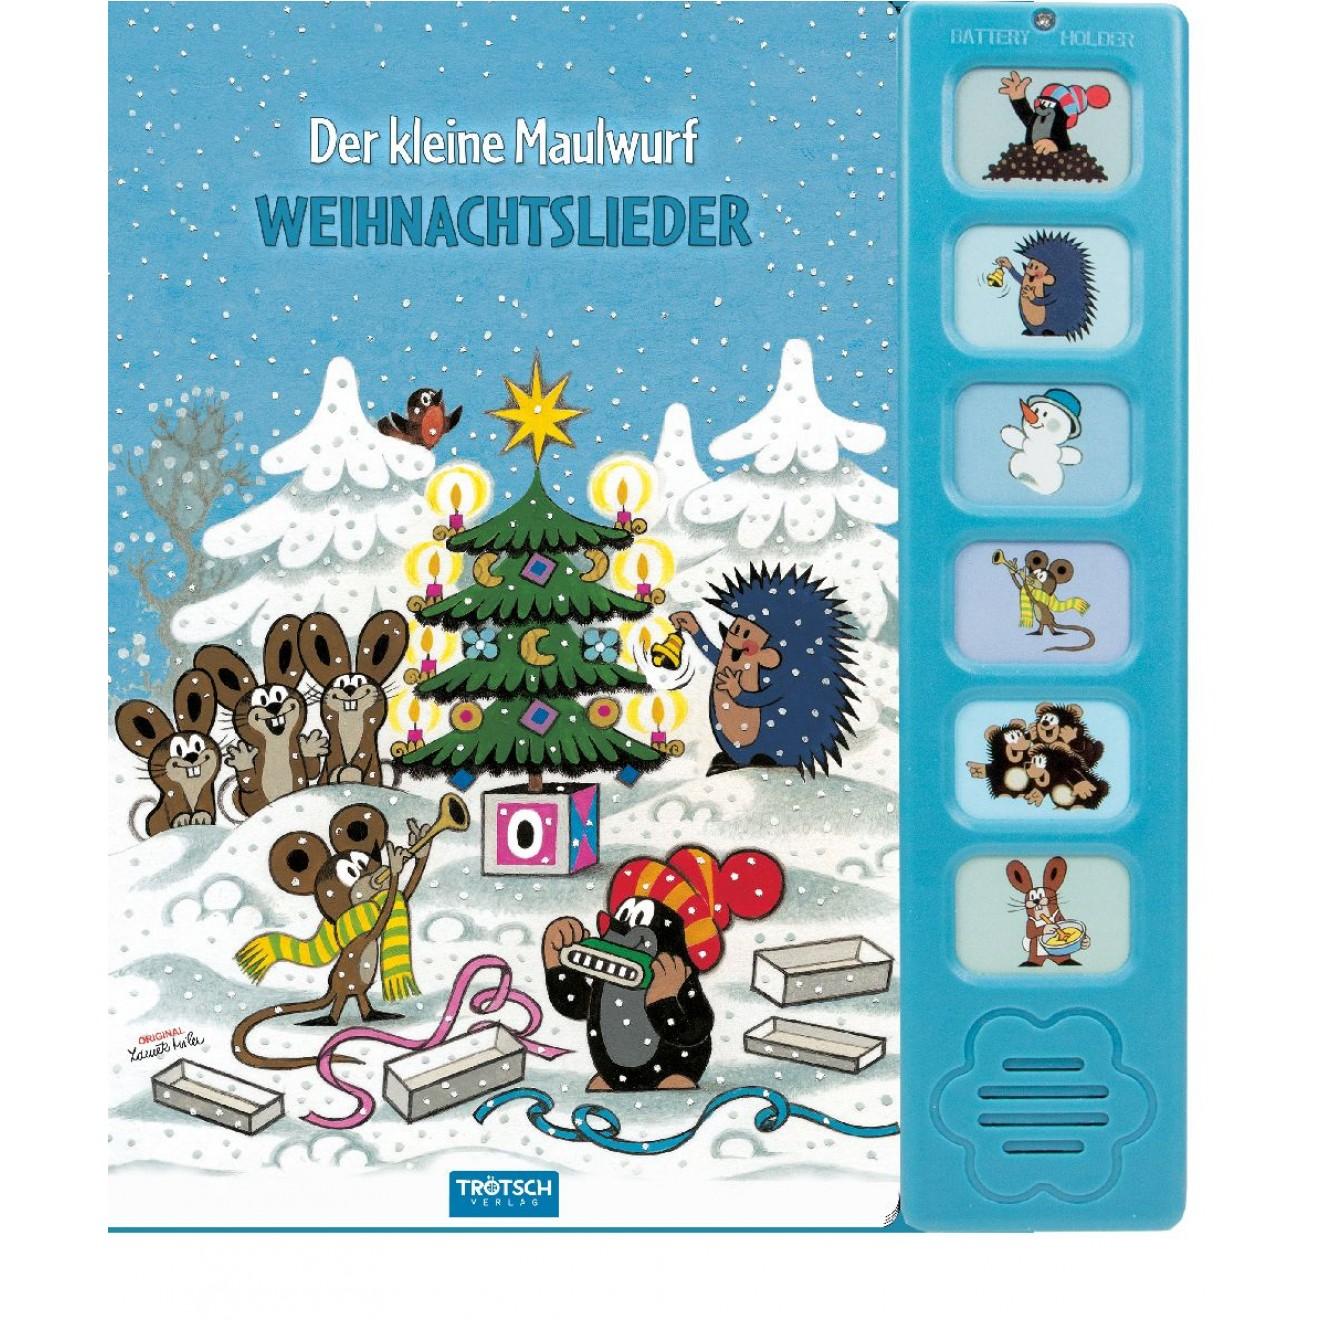 Soundbuch Weihnachtslieder Der kleine Maulwurf, Trötsch Verlag ...